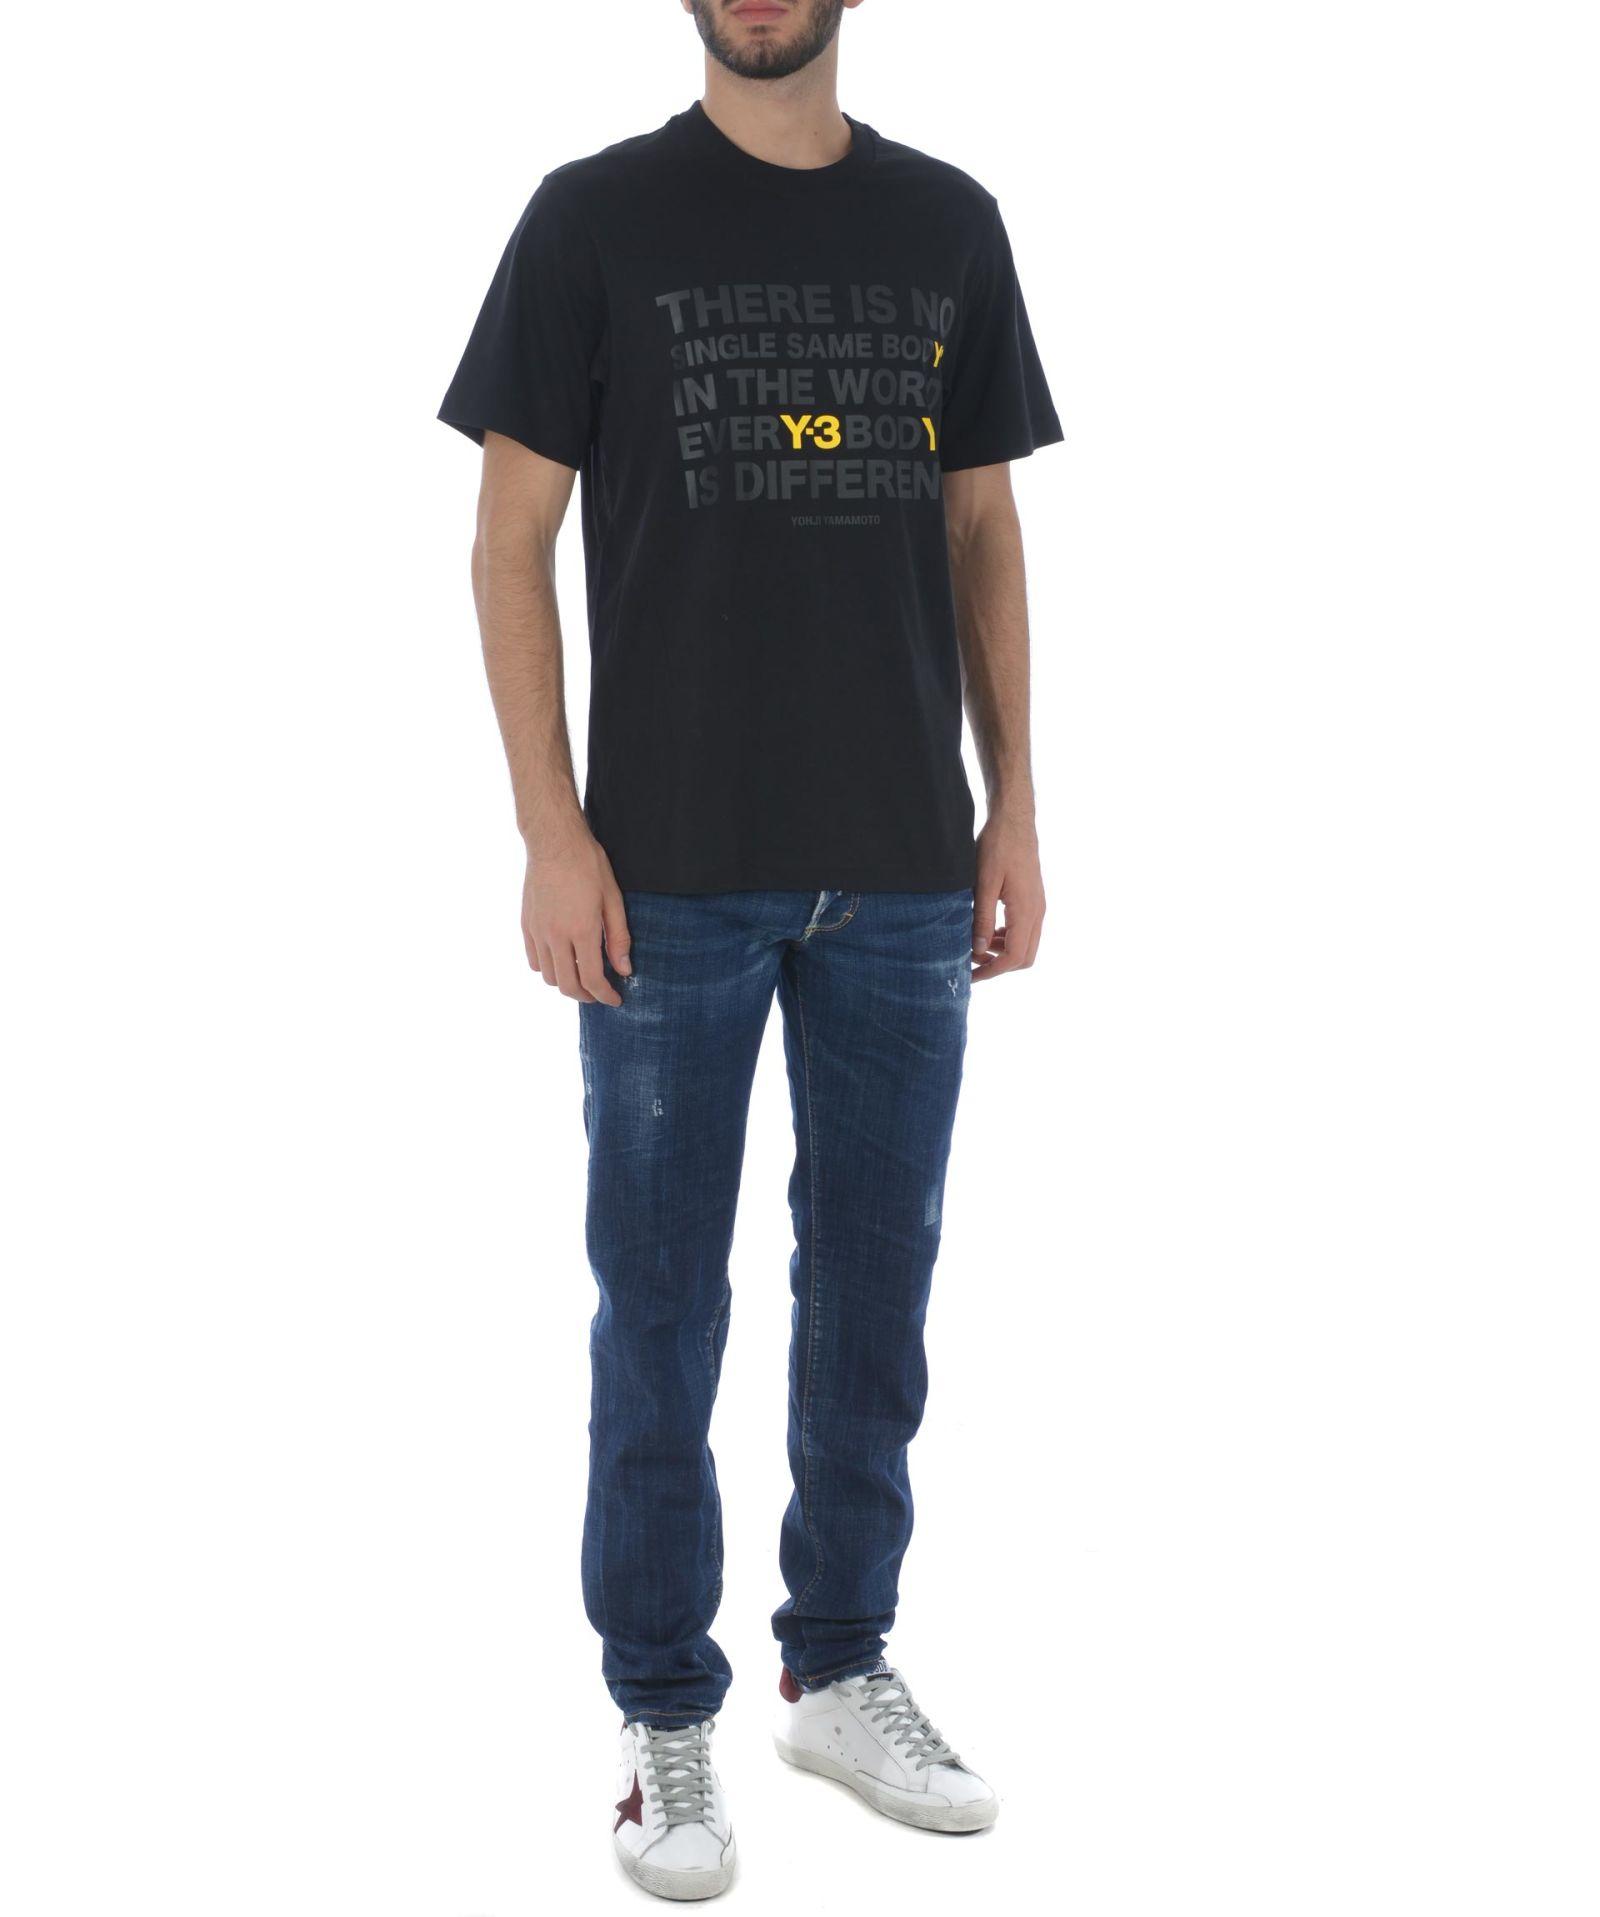 03b2382c493f6 Y-3 Y-3 Tonal Slogan T-shirt - Nero - 10744942